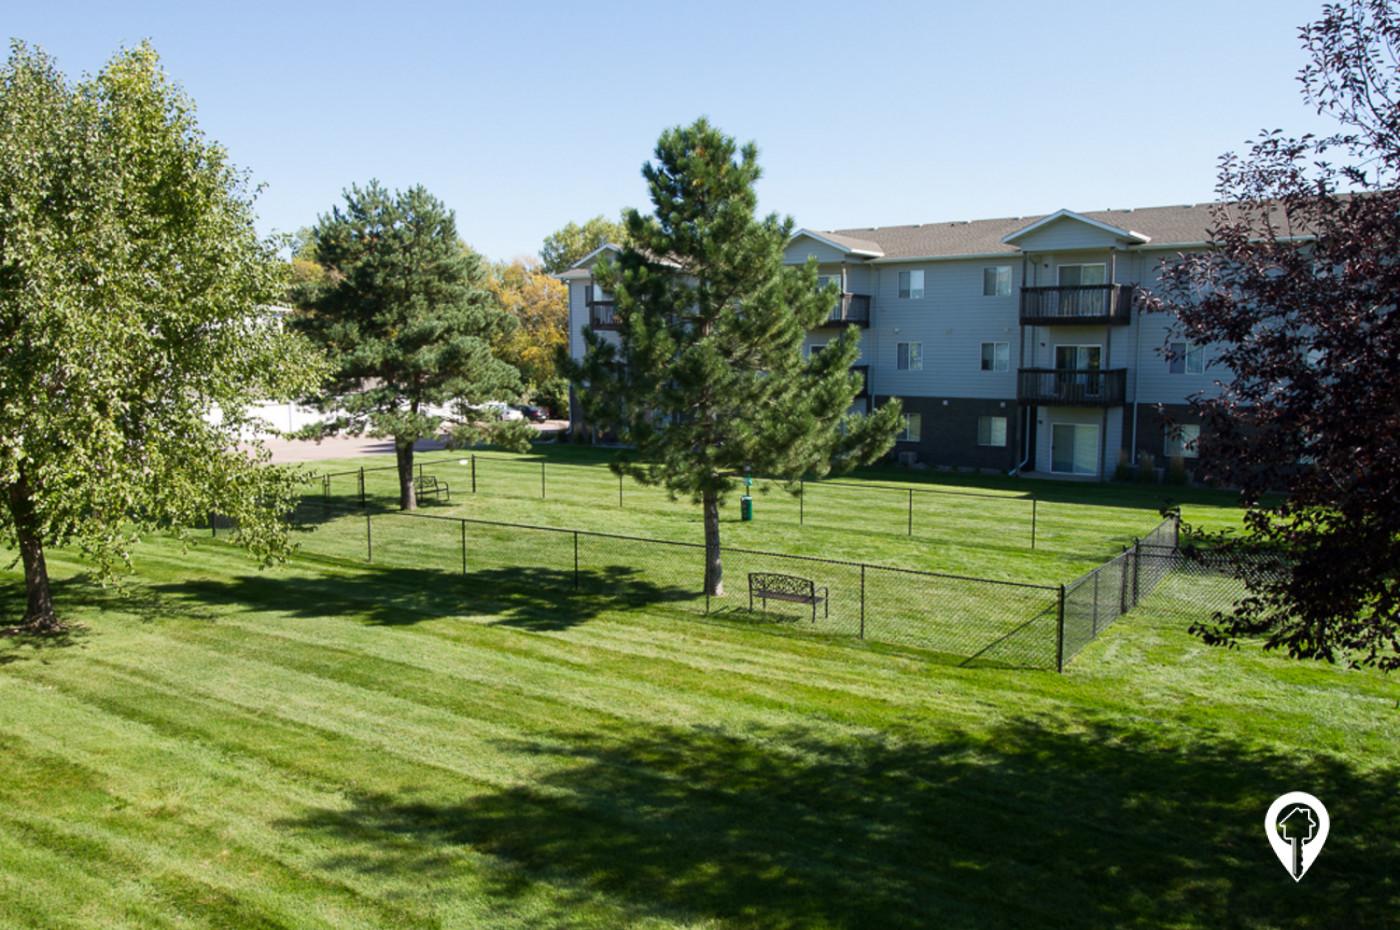 Oxbow-Park-Apartments